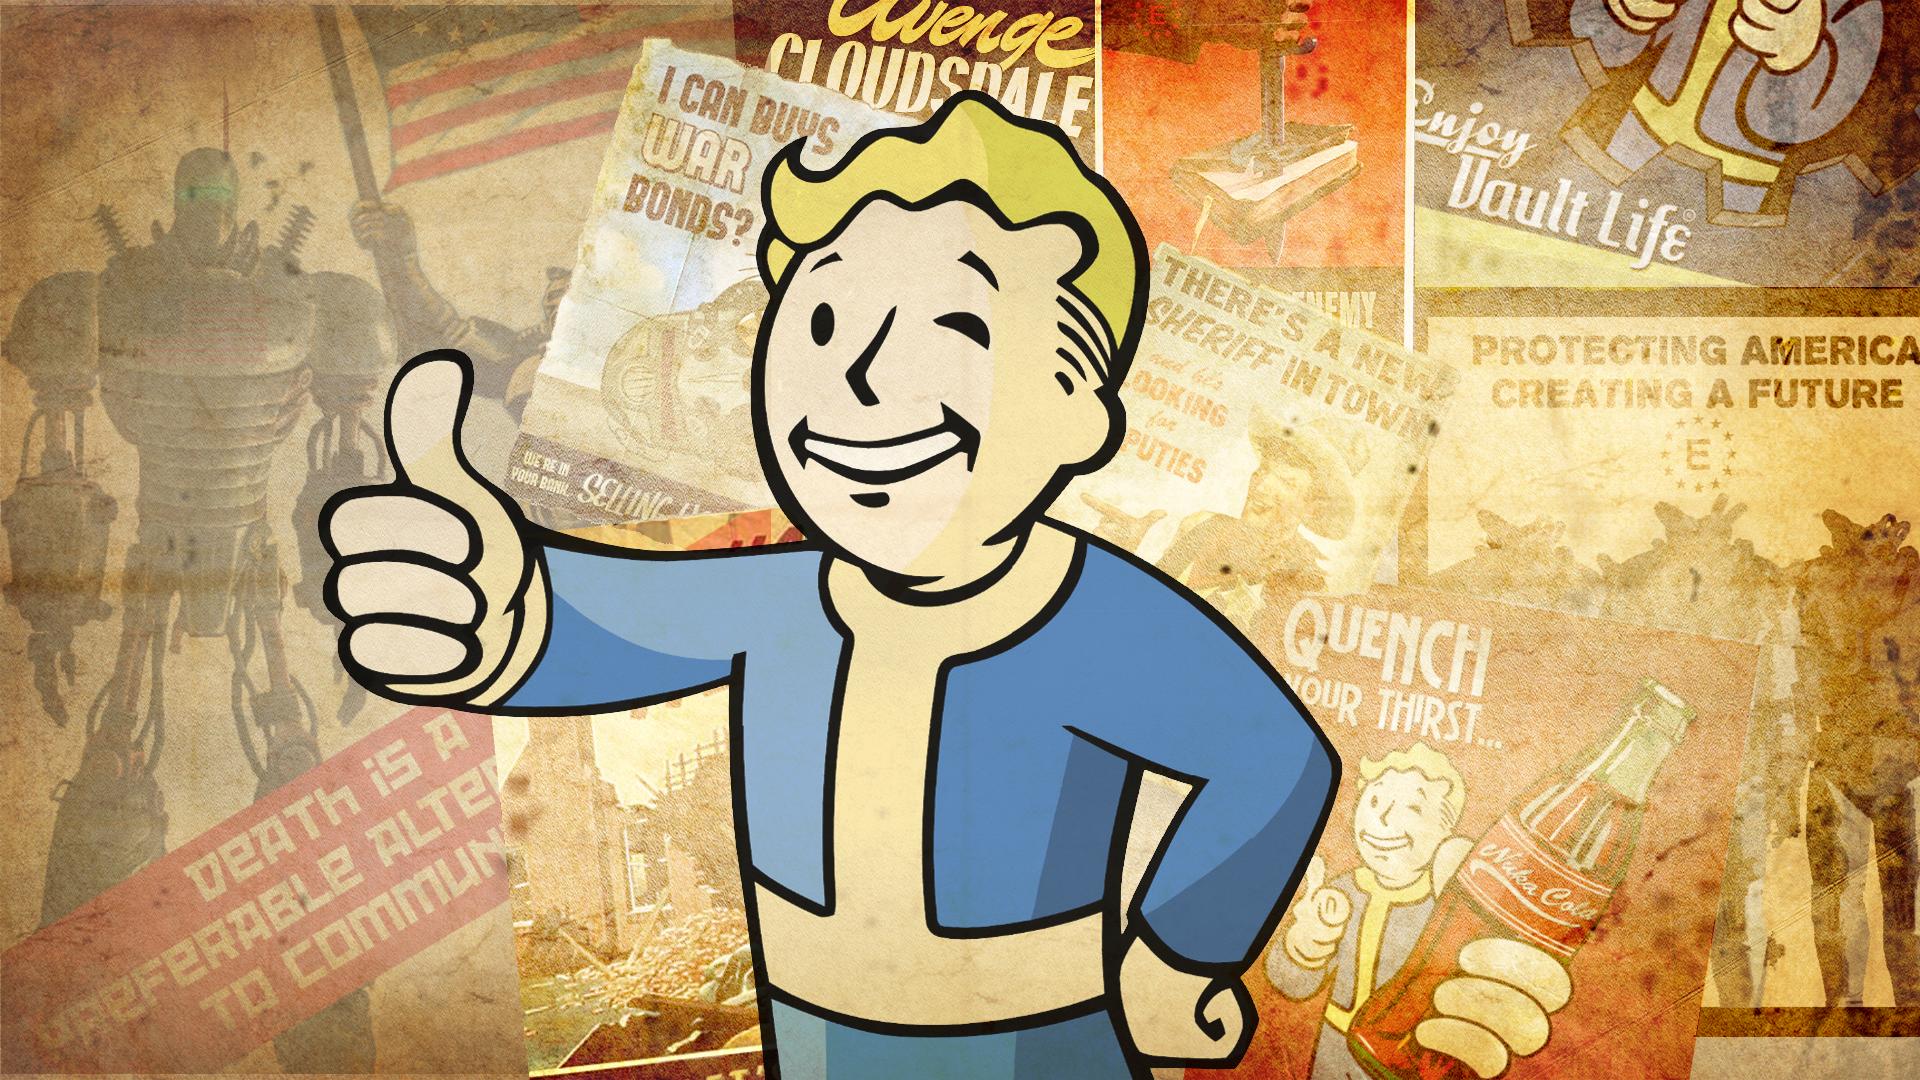 Fallout 4 Hd Wallpaper Vault Boy Fondos De Pantalla Dibujos